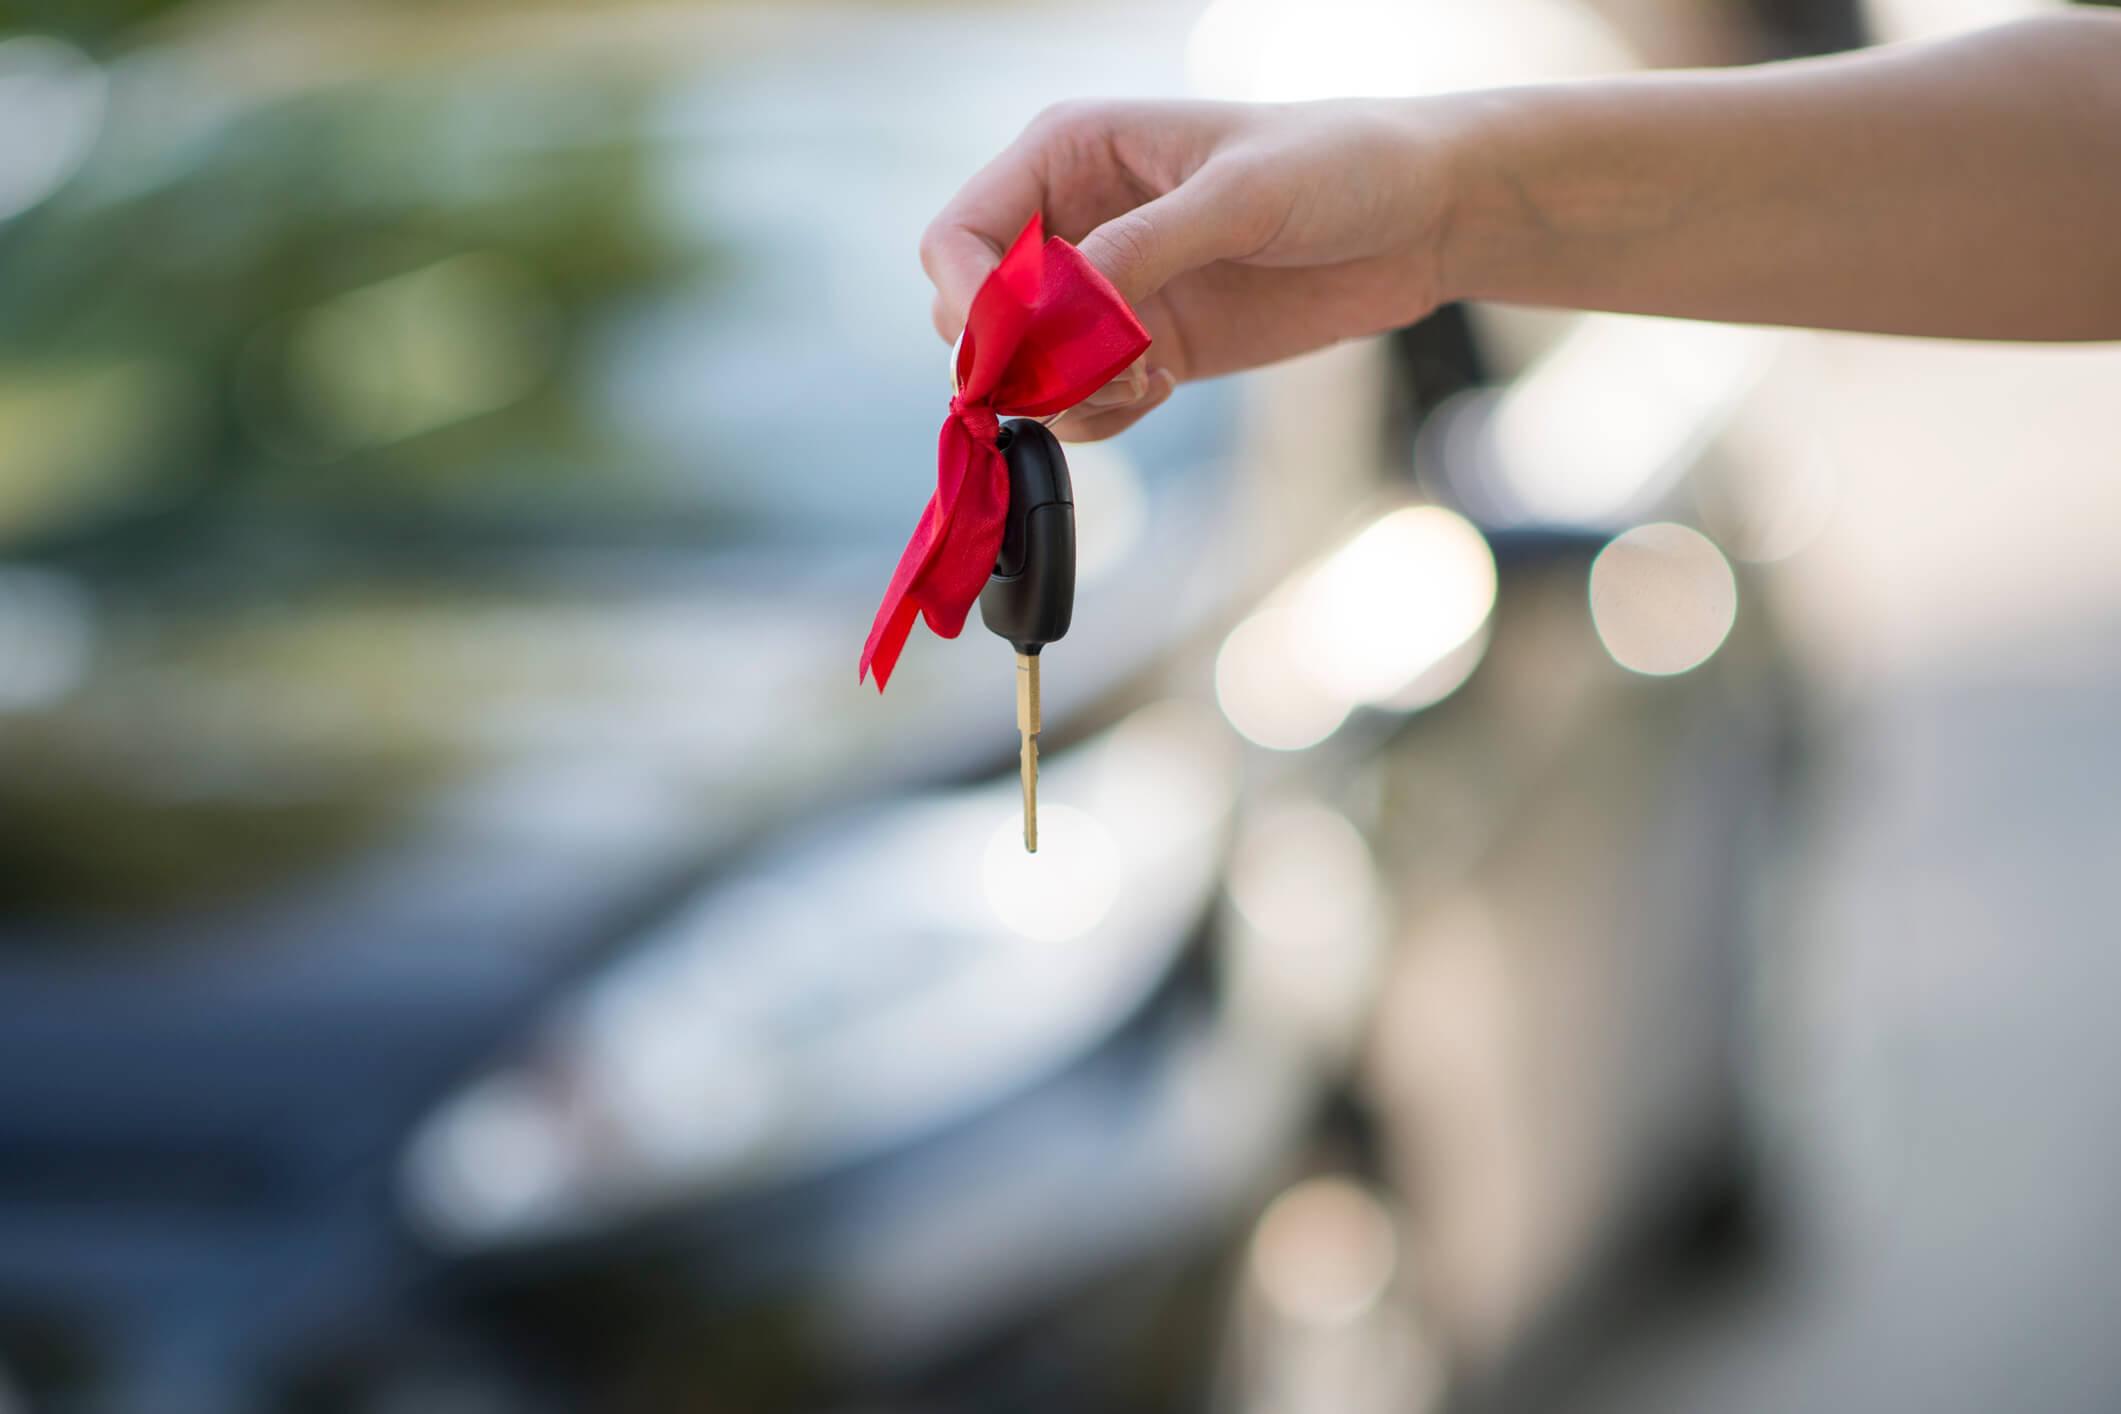 Afinal, dar um carro de presente para o filho é uma boa ou má ideia?